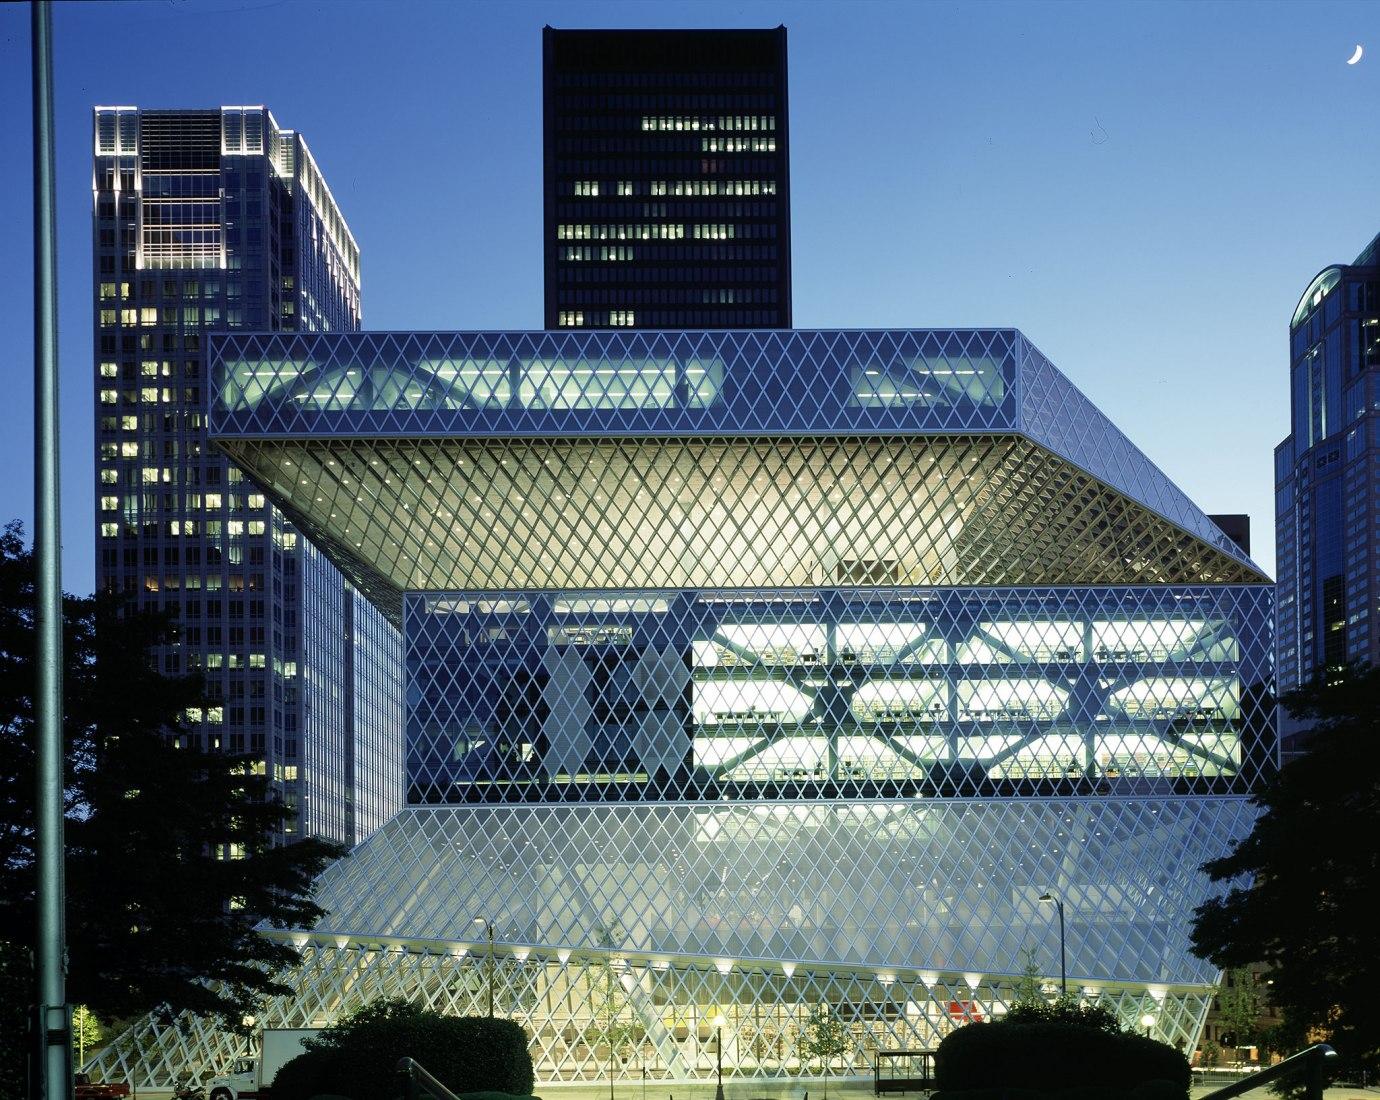 Vista nocturna. Biblioteca Central de Seattle por OMA. Fotografía @ Philippe Ruault. Imagen cortesía de OMA